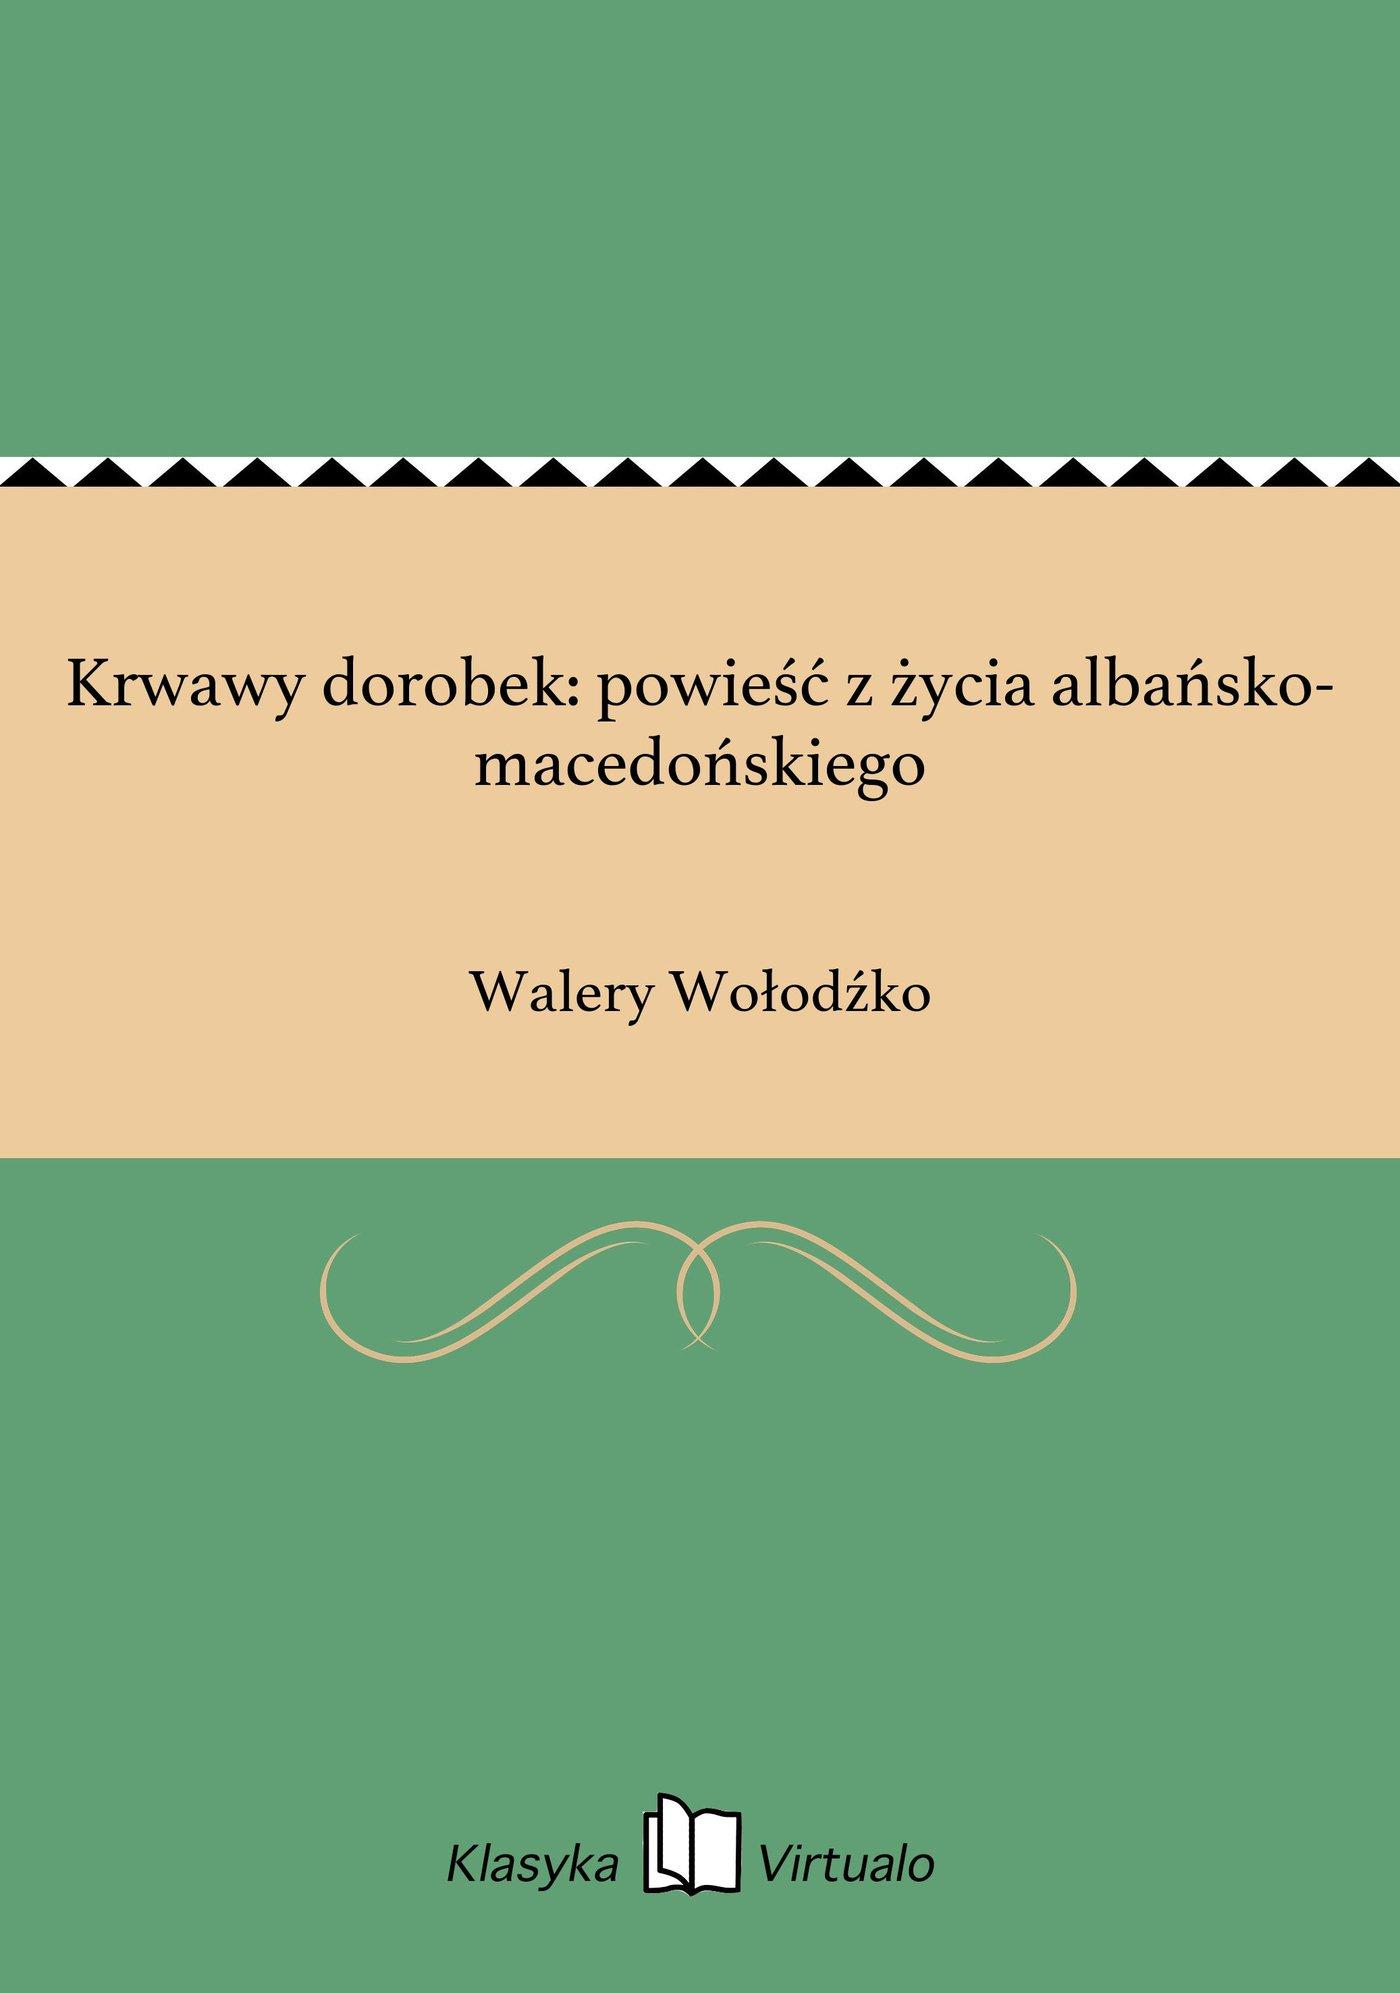 Krwawy dorobek: powieść z życia albańsko-macedońskiego - Ebook (Książka EPUB) do pobrania w formacie EPUB